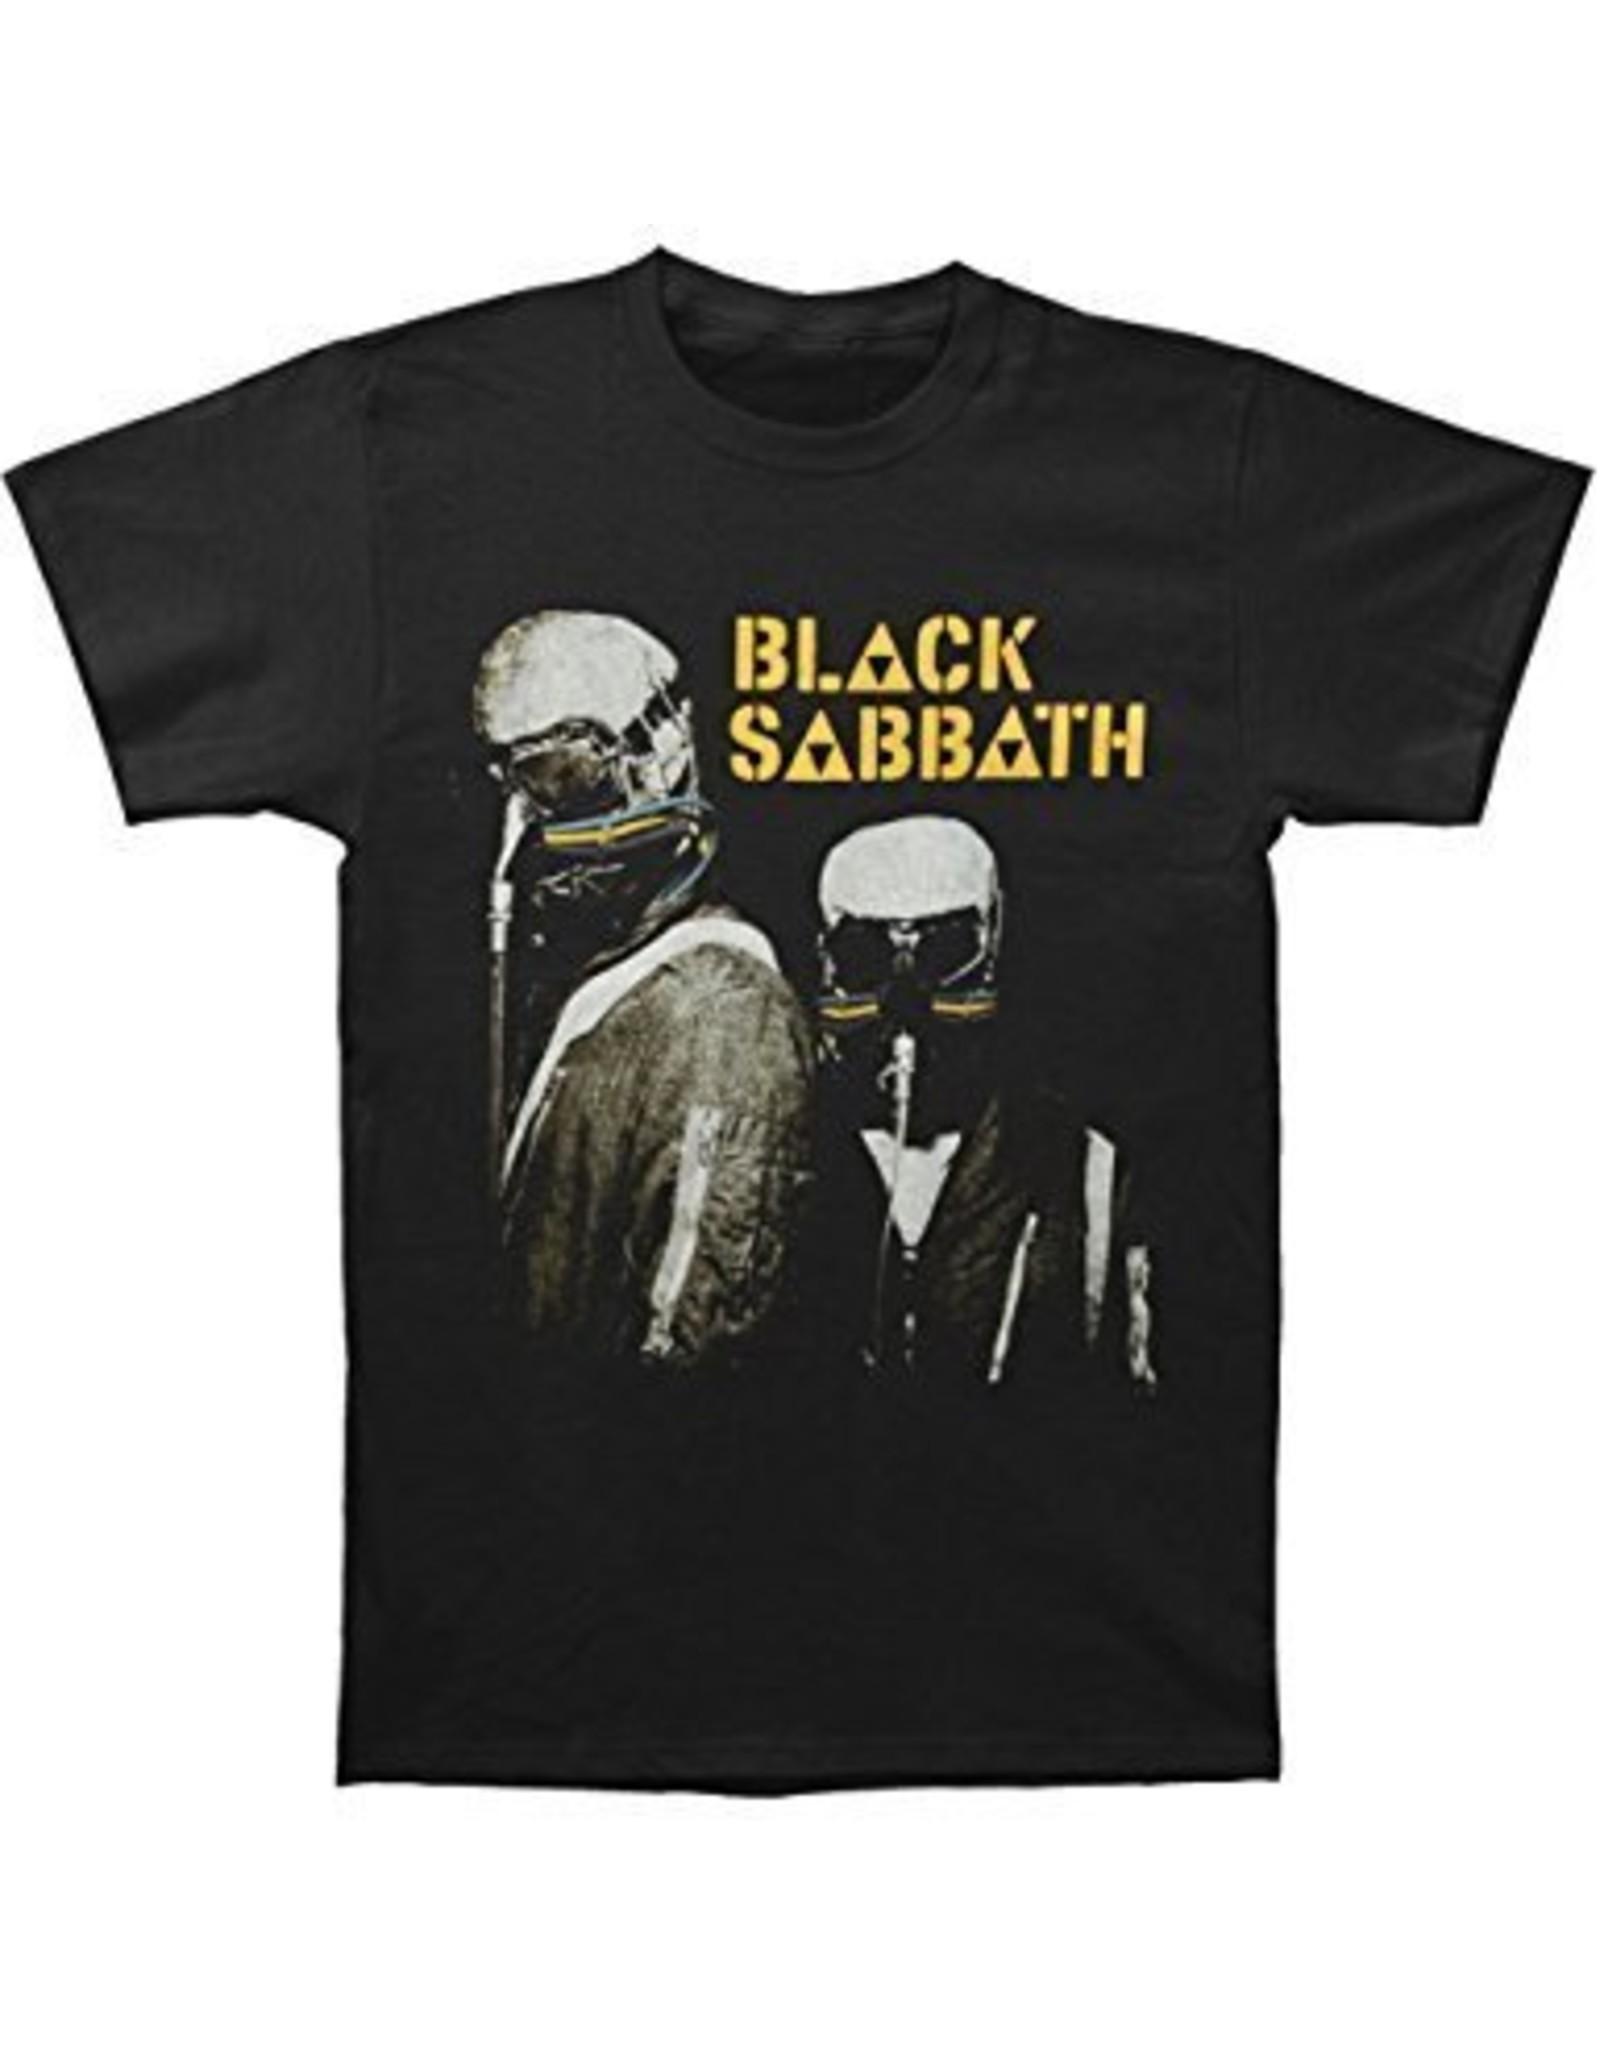 Black Sabbath Two Masked Men Shirt